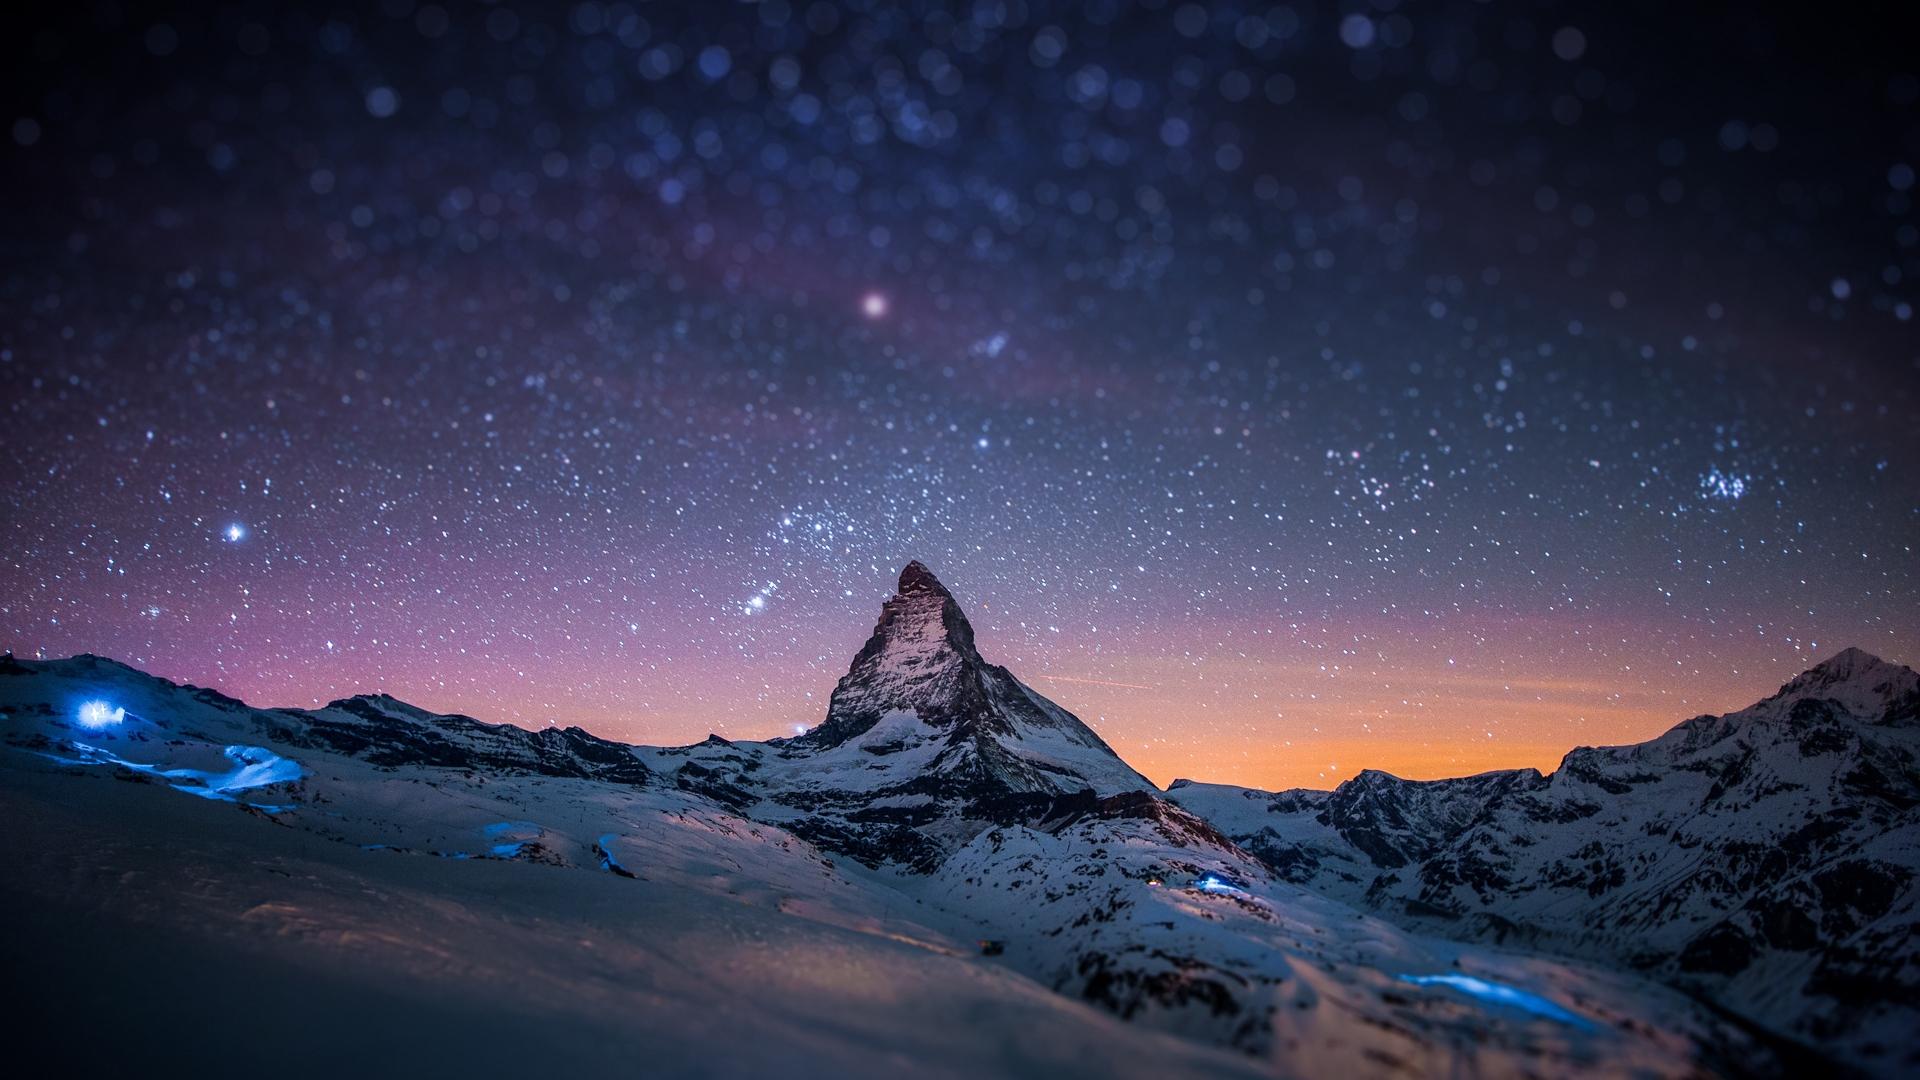 Snow Falling Wallpaper Hd Stars Wallpapers Hd Pixelstalk Net